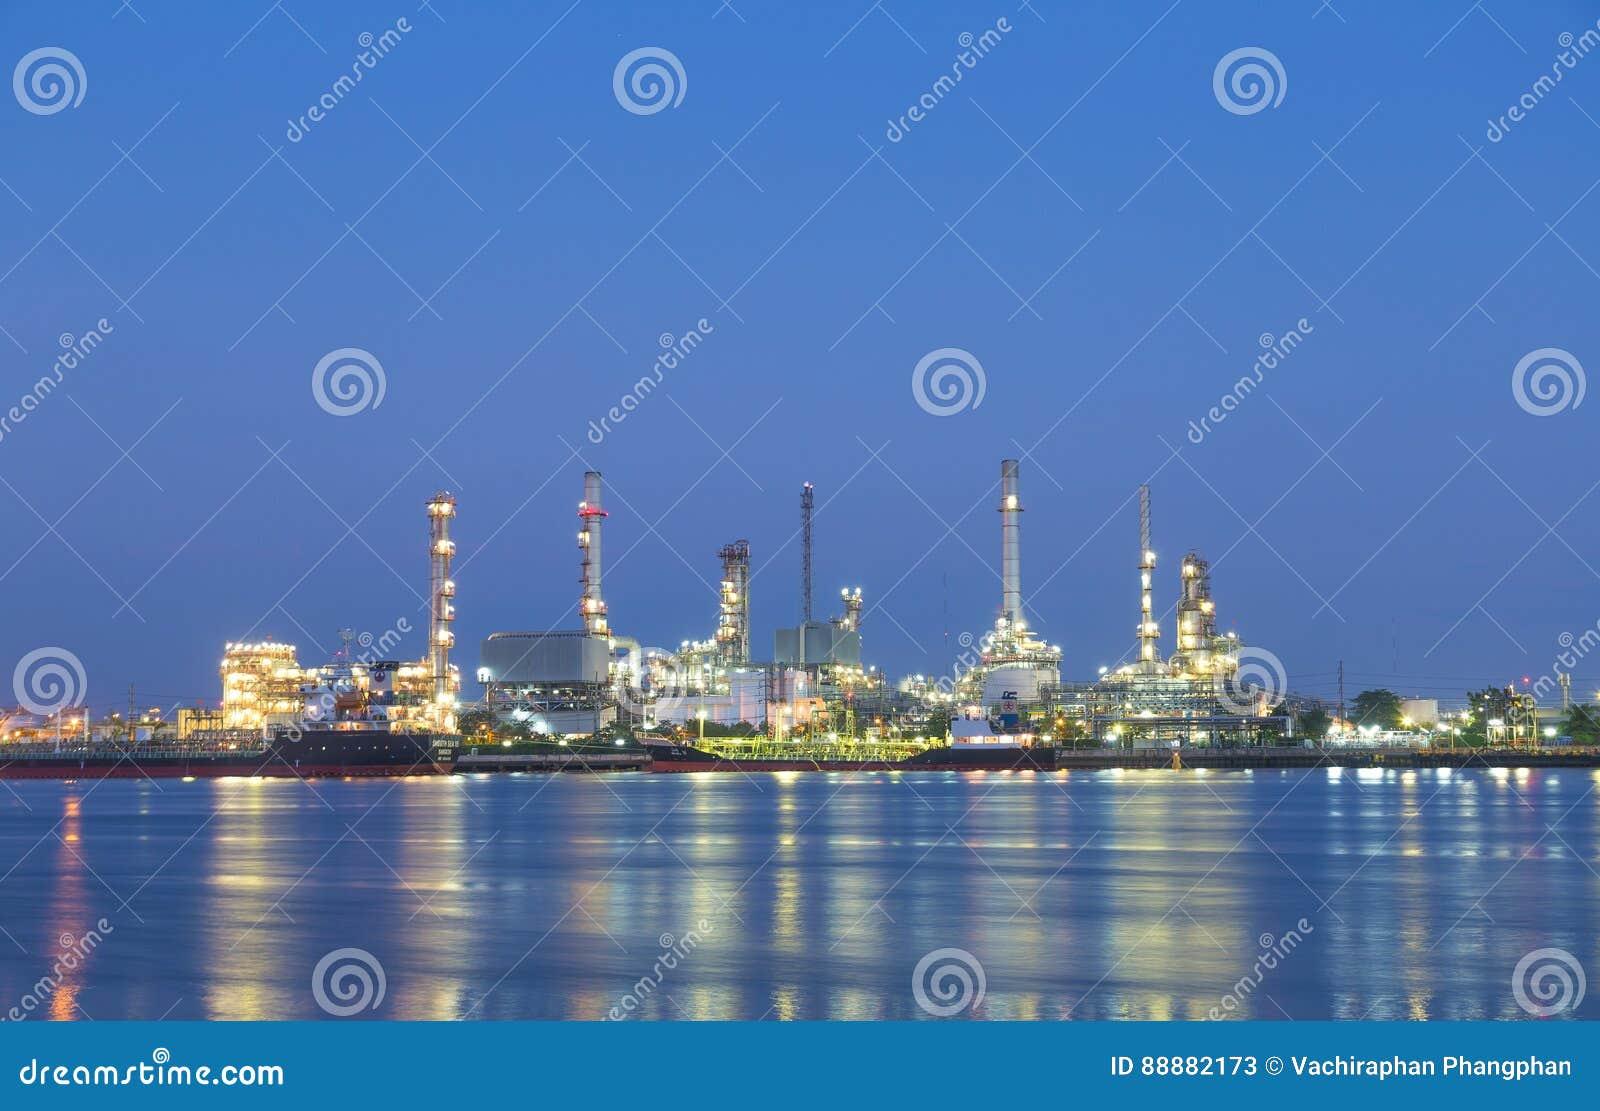 石油炼厂在晚上